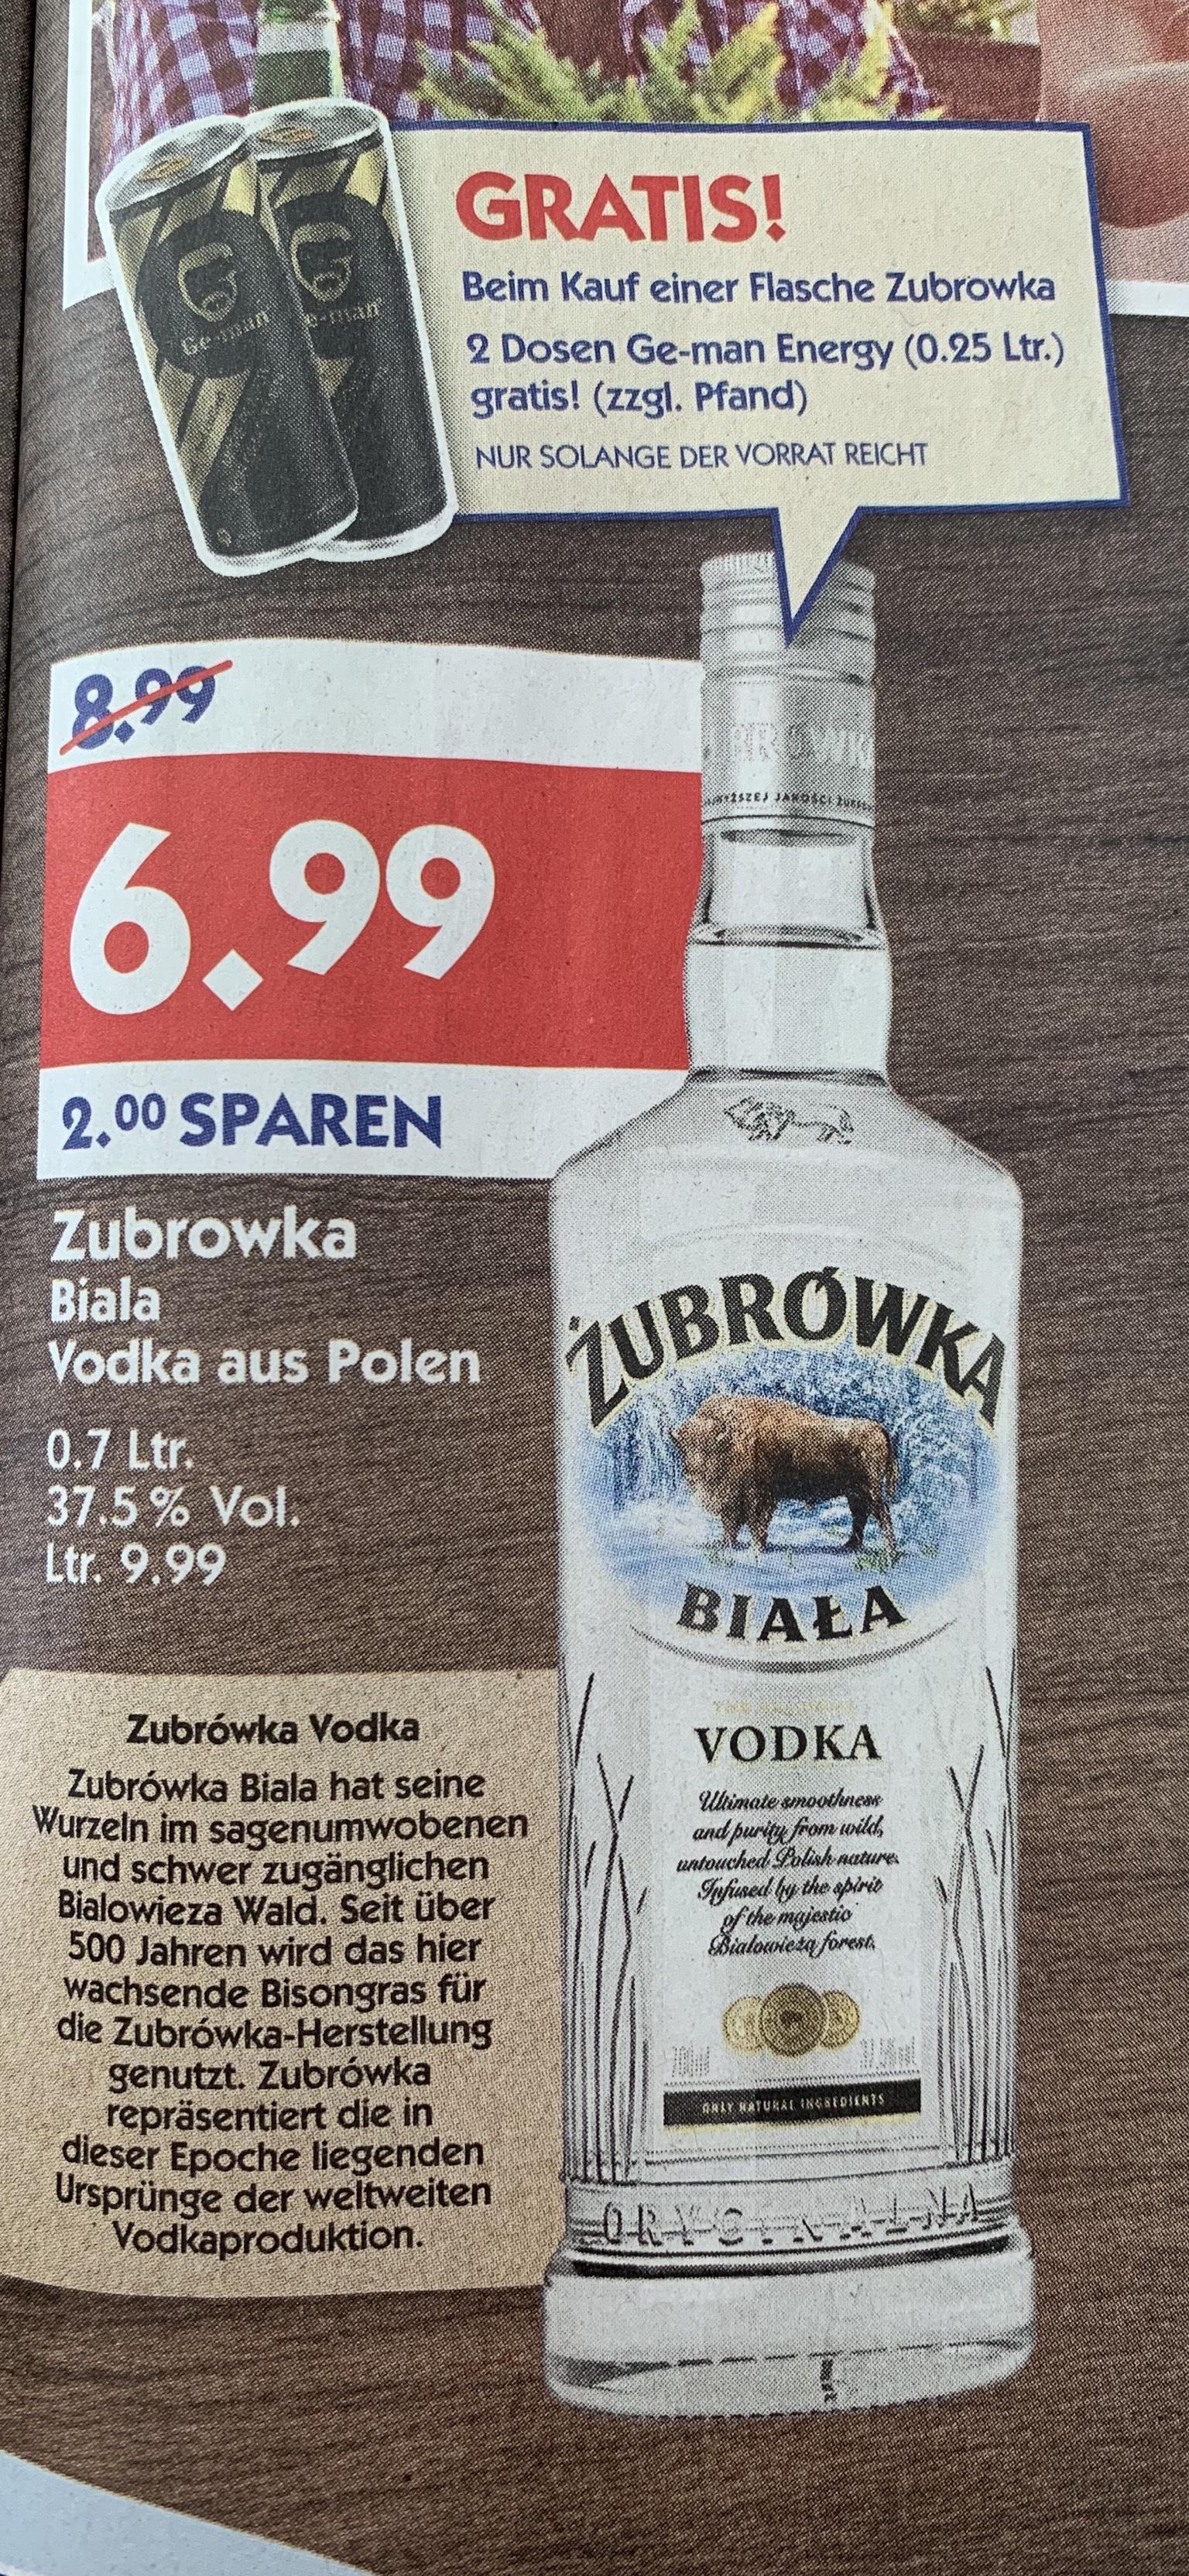 [Hol' Ab] Zubrowka Biala  Vodka 0.7 Liter Flasche für 6.99 ab Montag 02.09.19